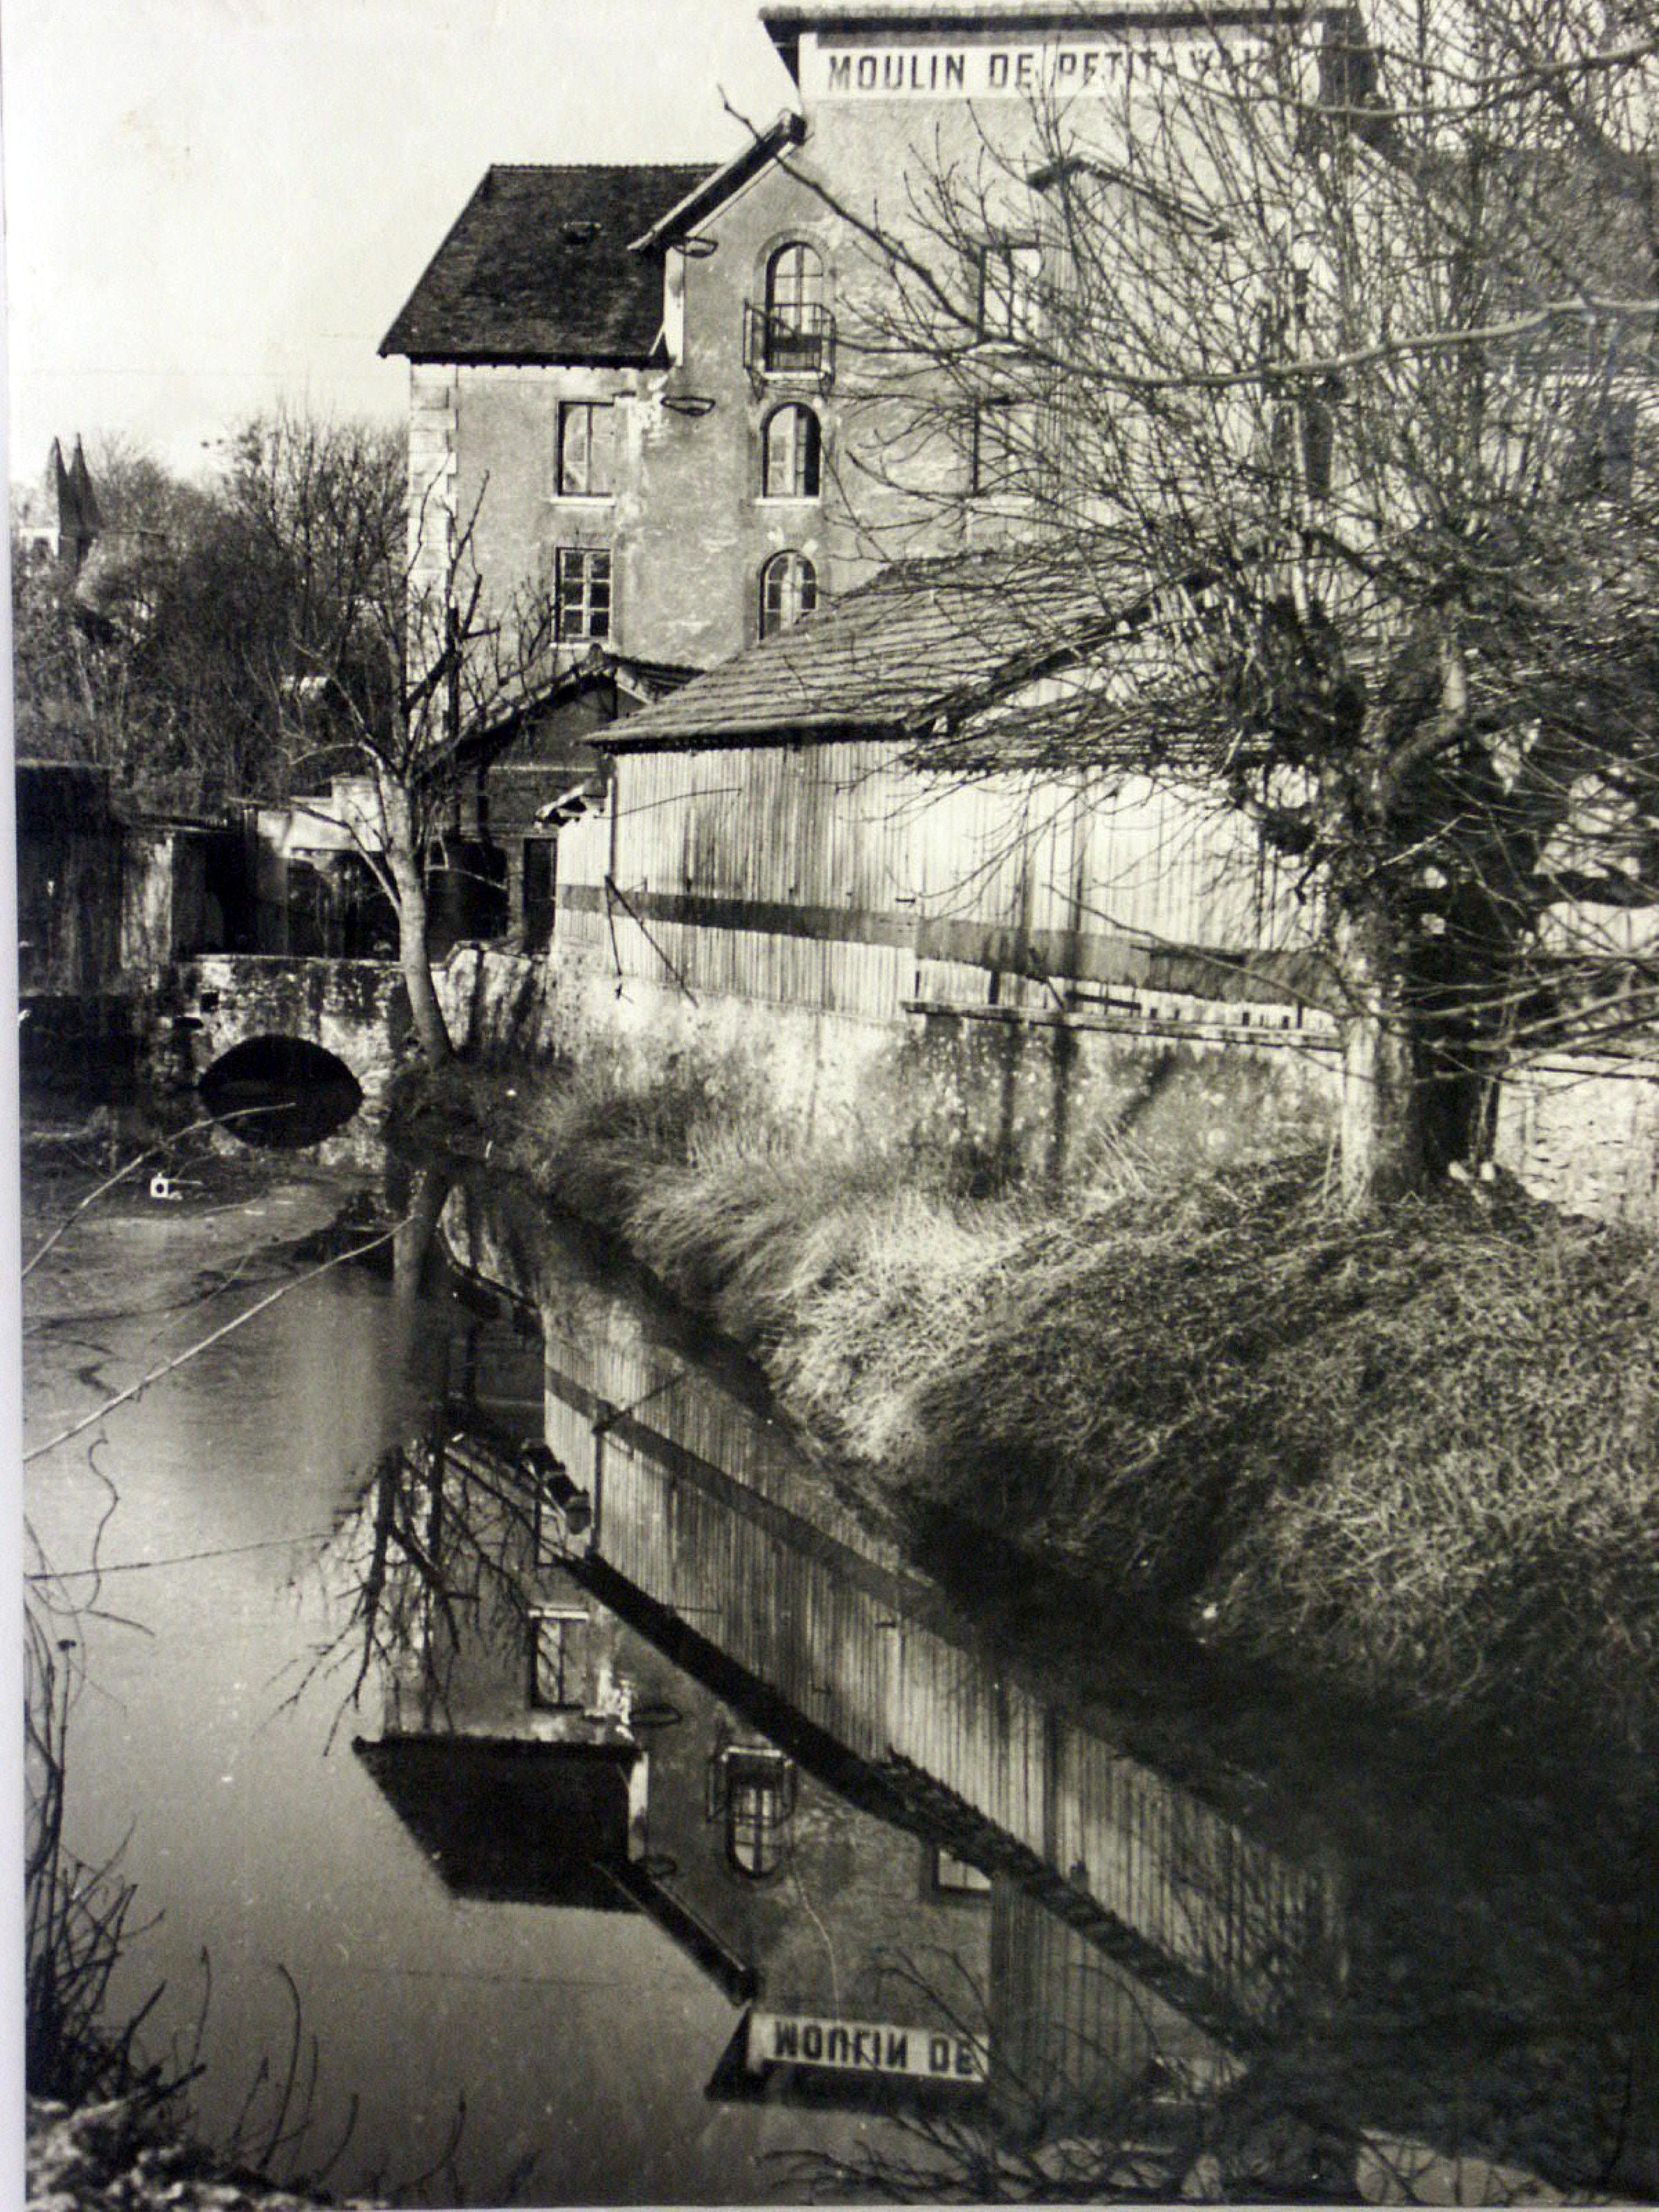 Le Moulin de Petit Vaux